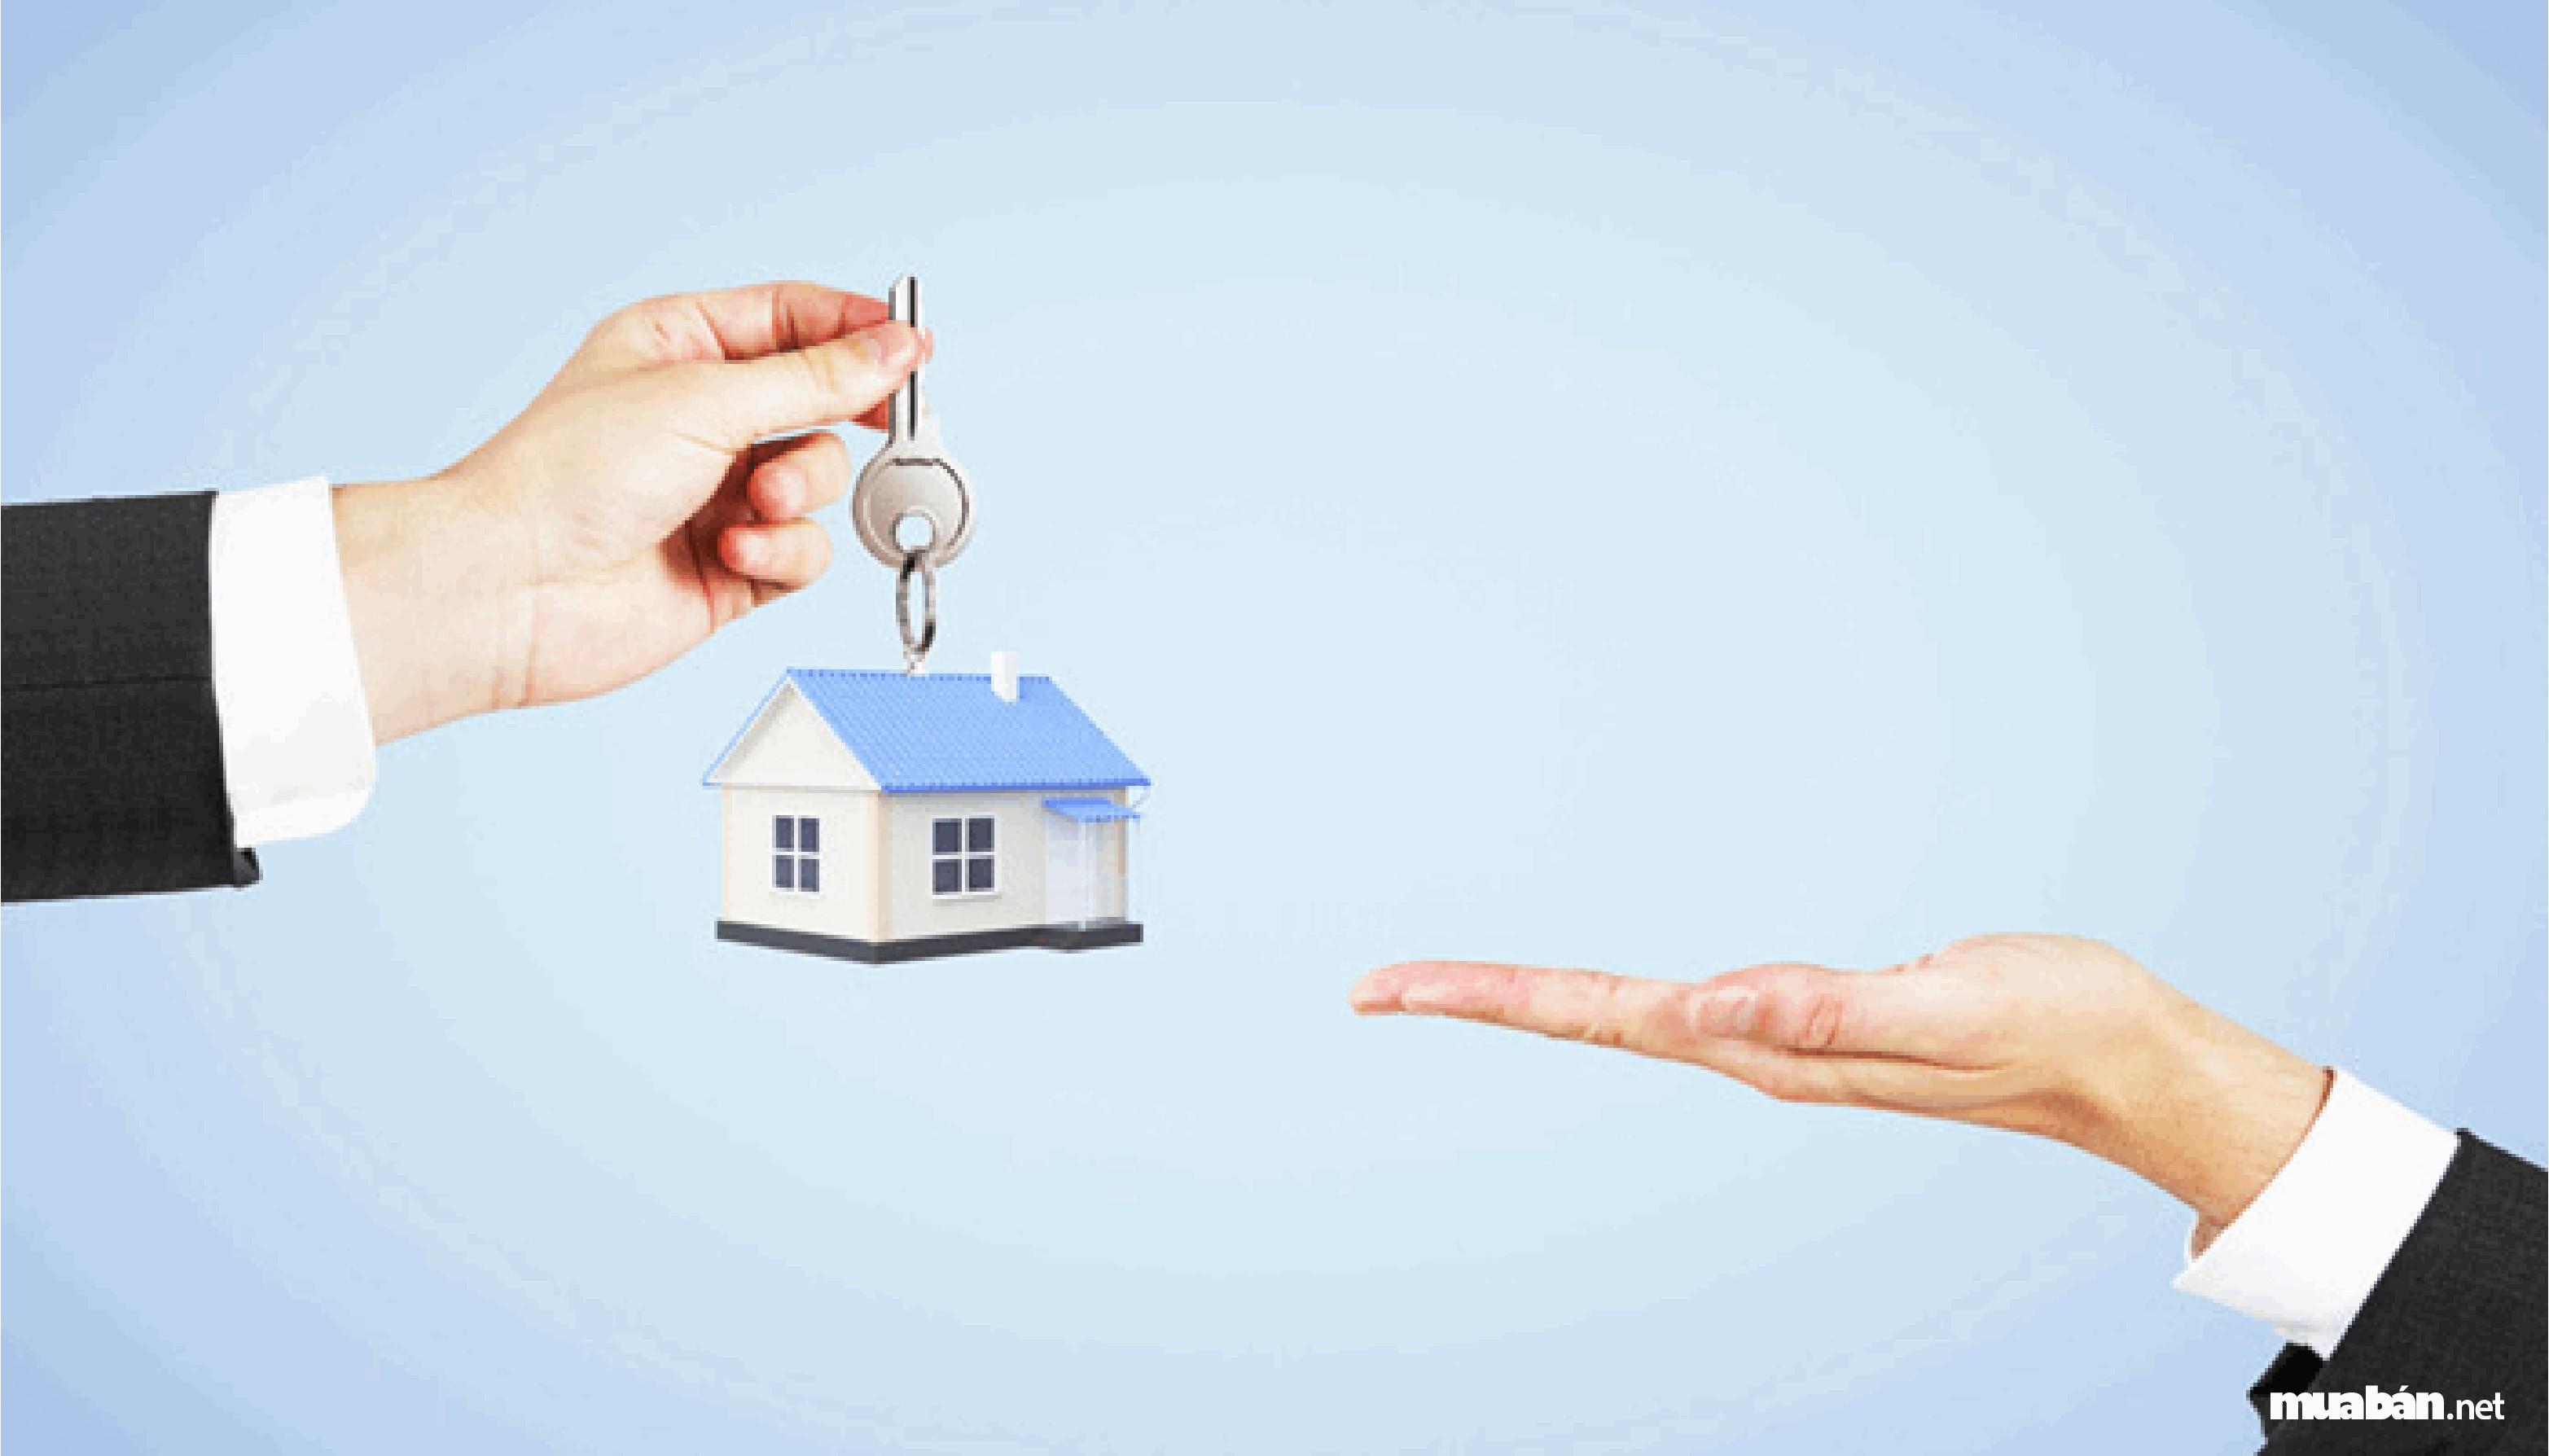 Cân nhắc và tính toán kỹ khả năng tài chính trước khi mua căn hộ